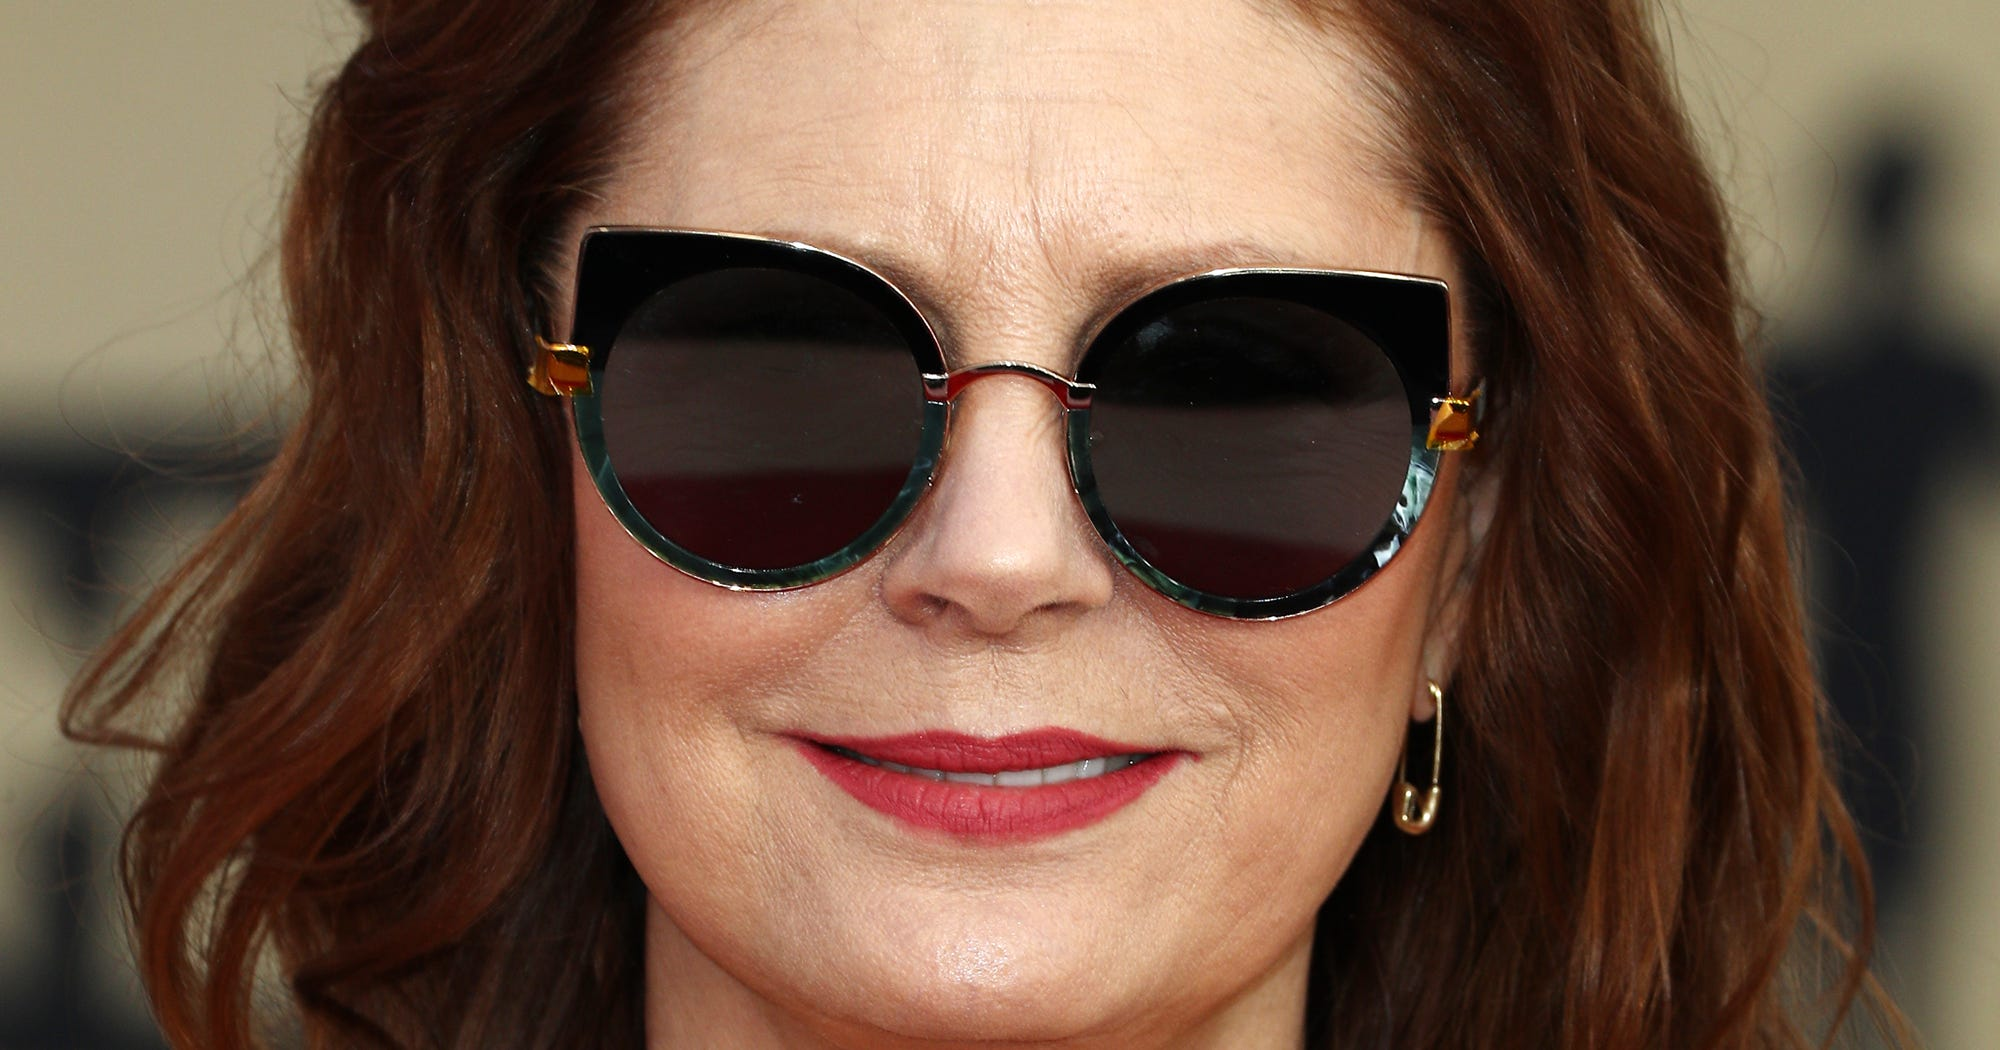 Where To Buy Susan Sarandon's Now-Iconic SAG Award Sunglasses